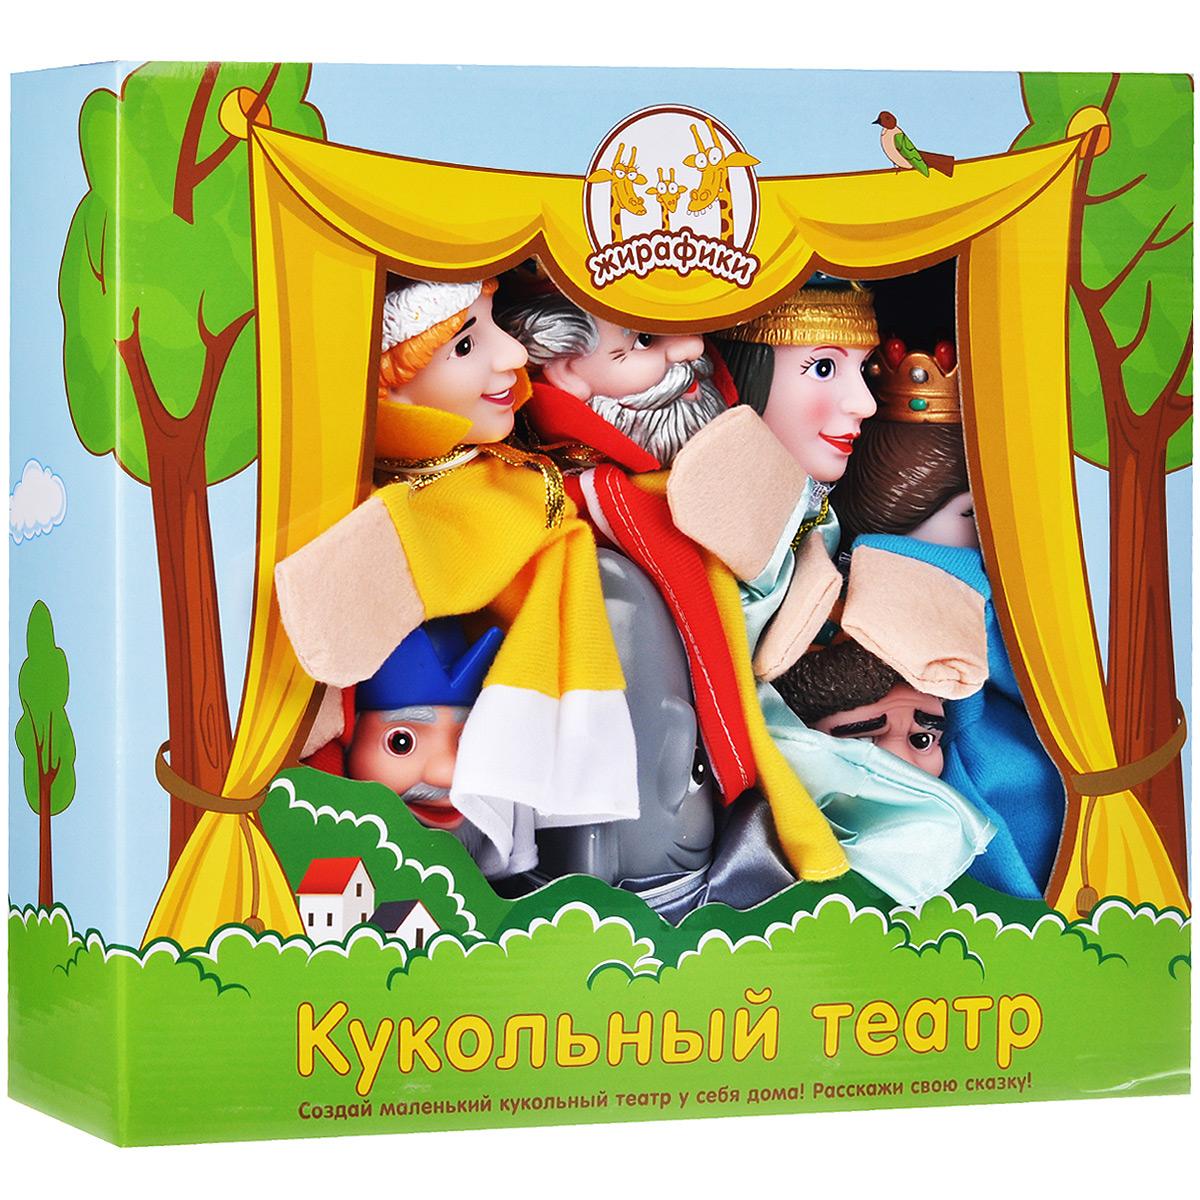 """Жирафики Кукольный театр """"По щучьему велению"""", 8 кукол, Yick Wah Plastic Factory Ltd"""